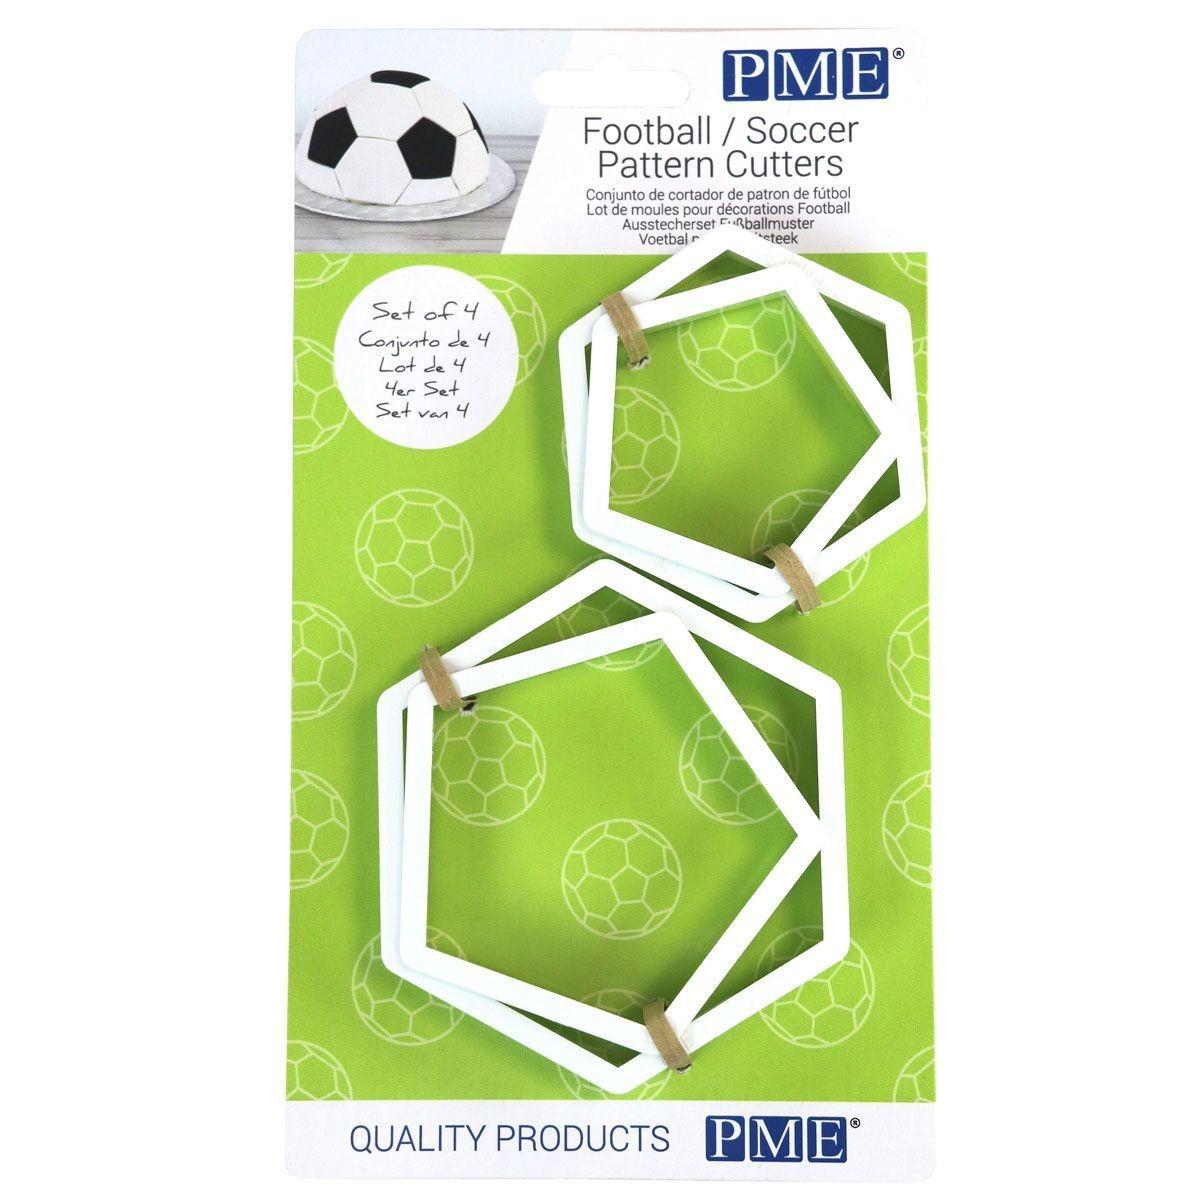 PME Geometric Cutters -Set of 4 -FOOTBALL/Soccer Pattern Cutters -Σετ κοπής για μπάλα ποδοσφαίρου